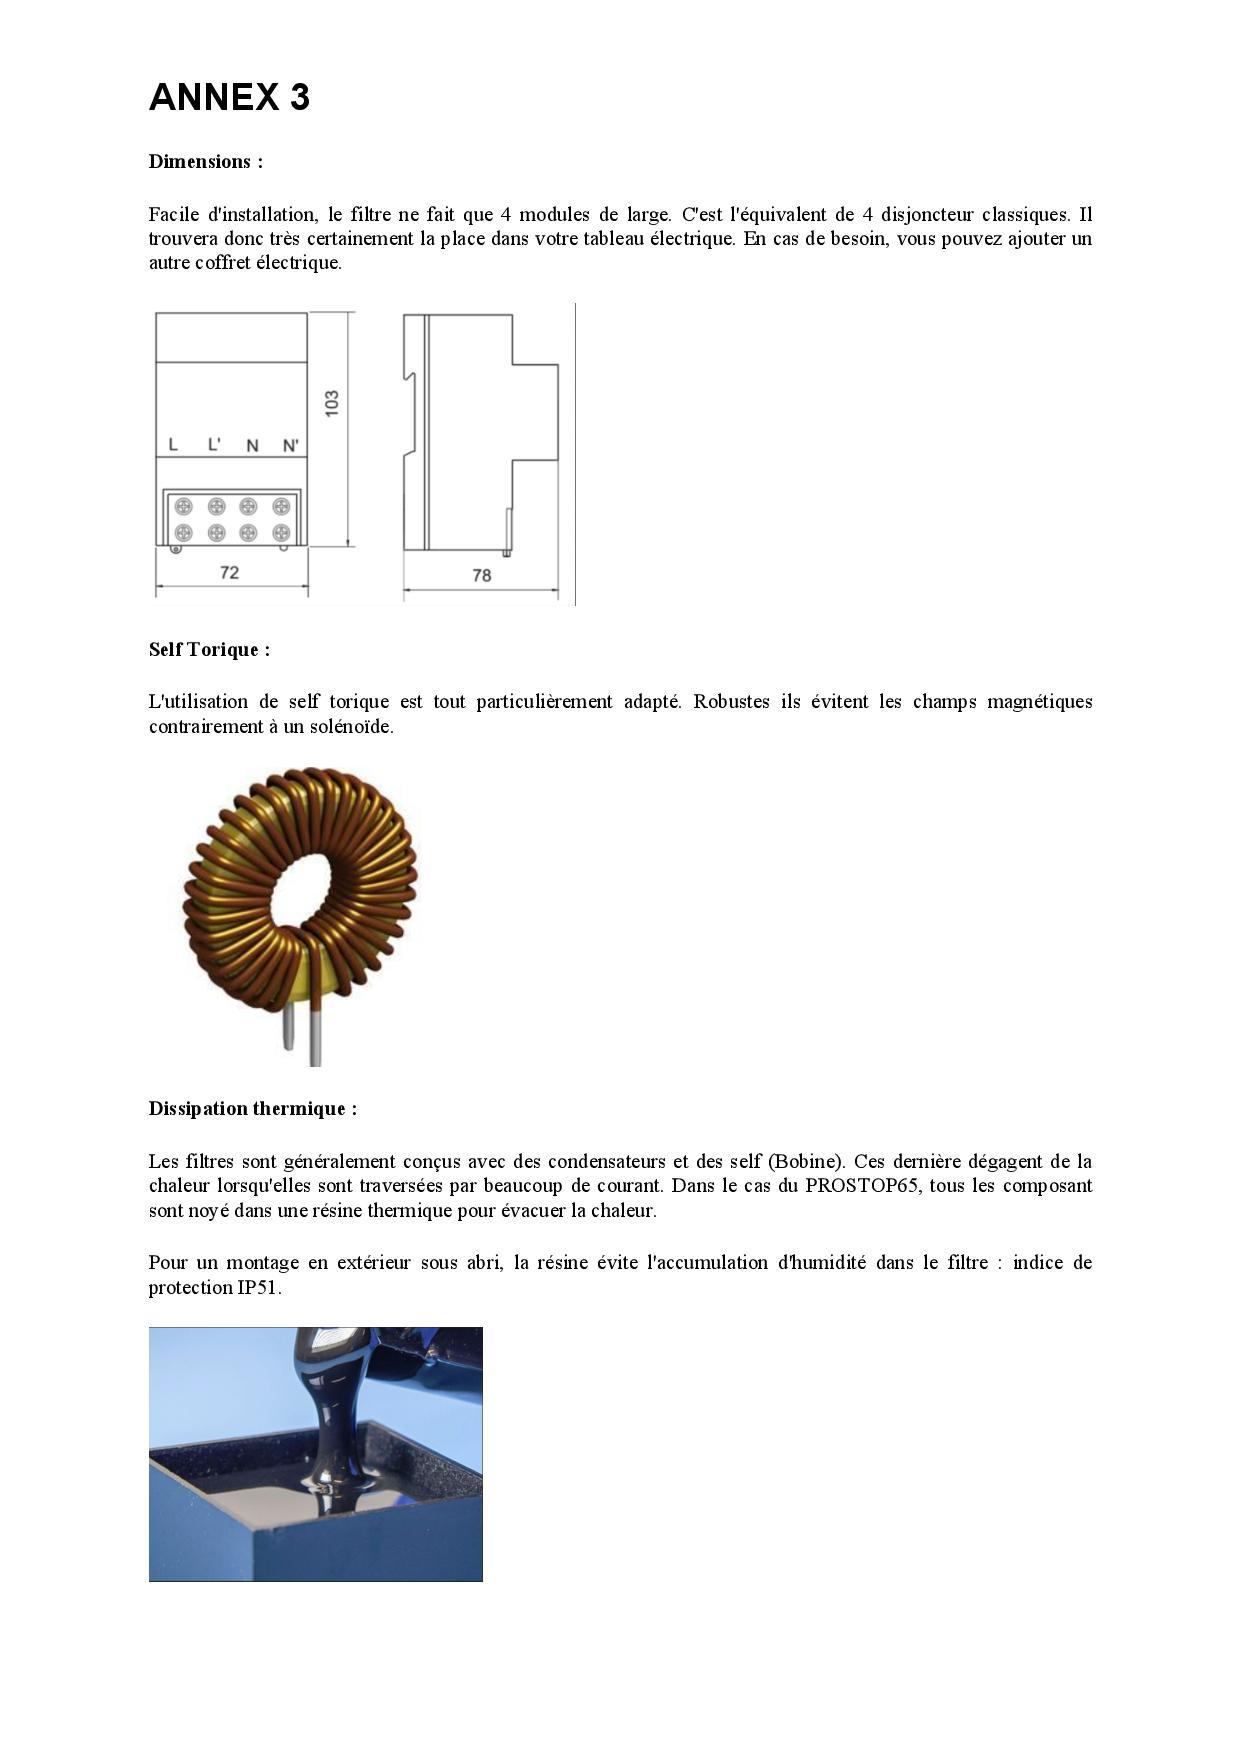 Annex 3 Filtre Polier-page-004.jpg